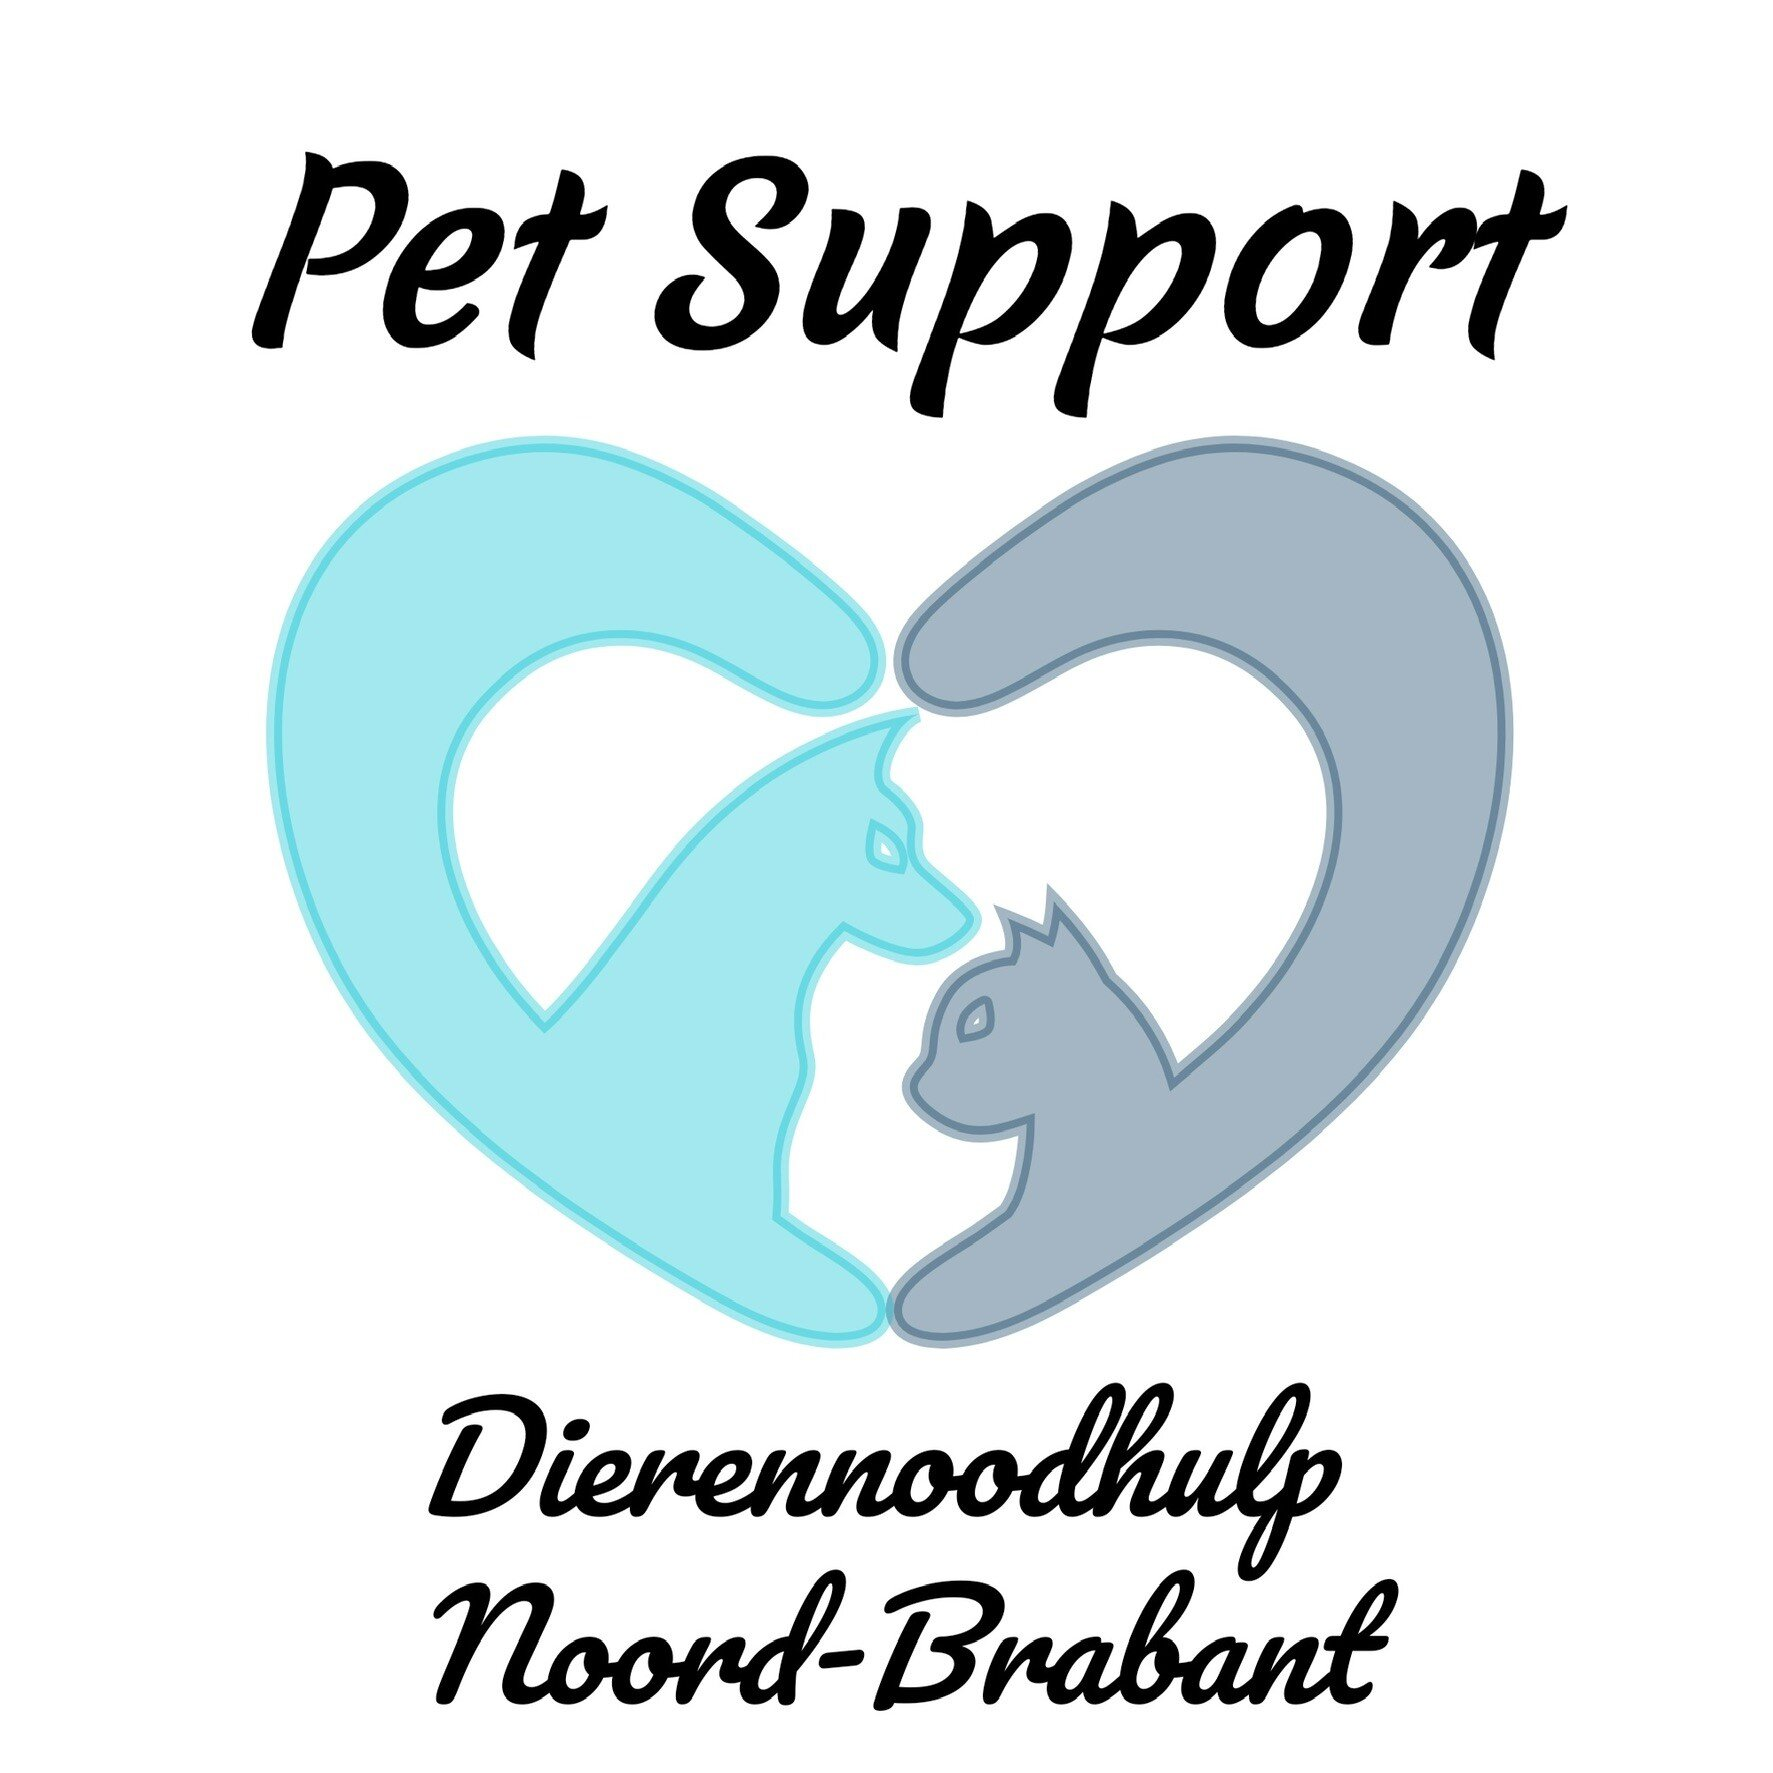 Dierennoodhulp Noord Brabant / Pet support